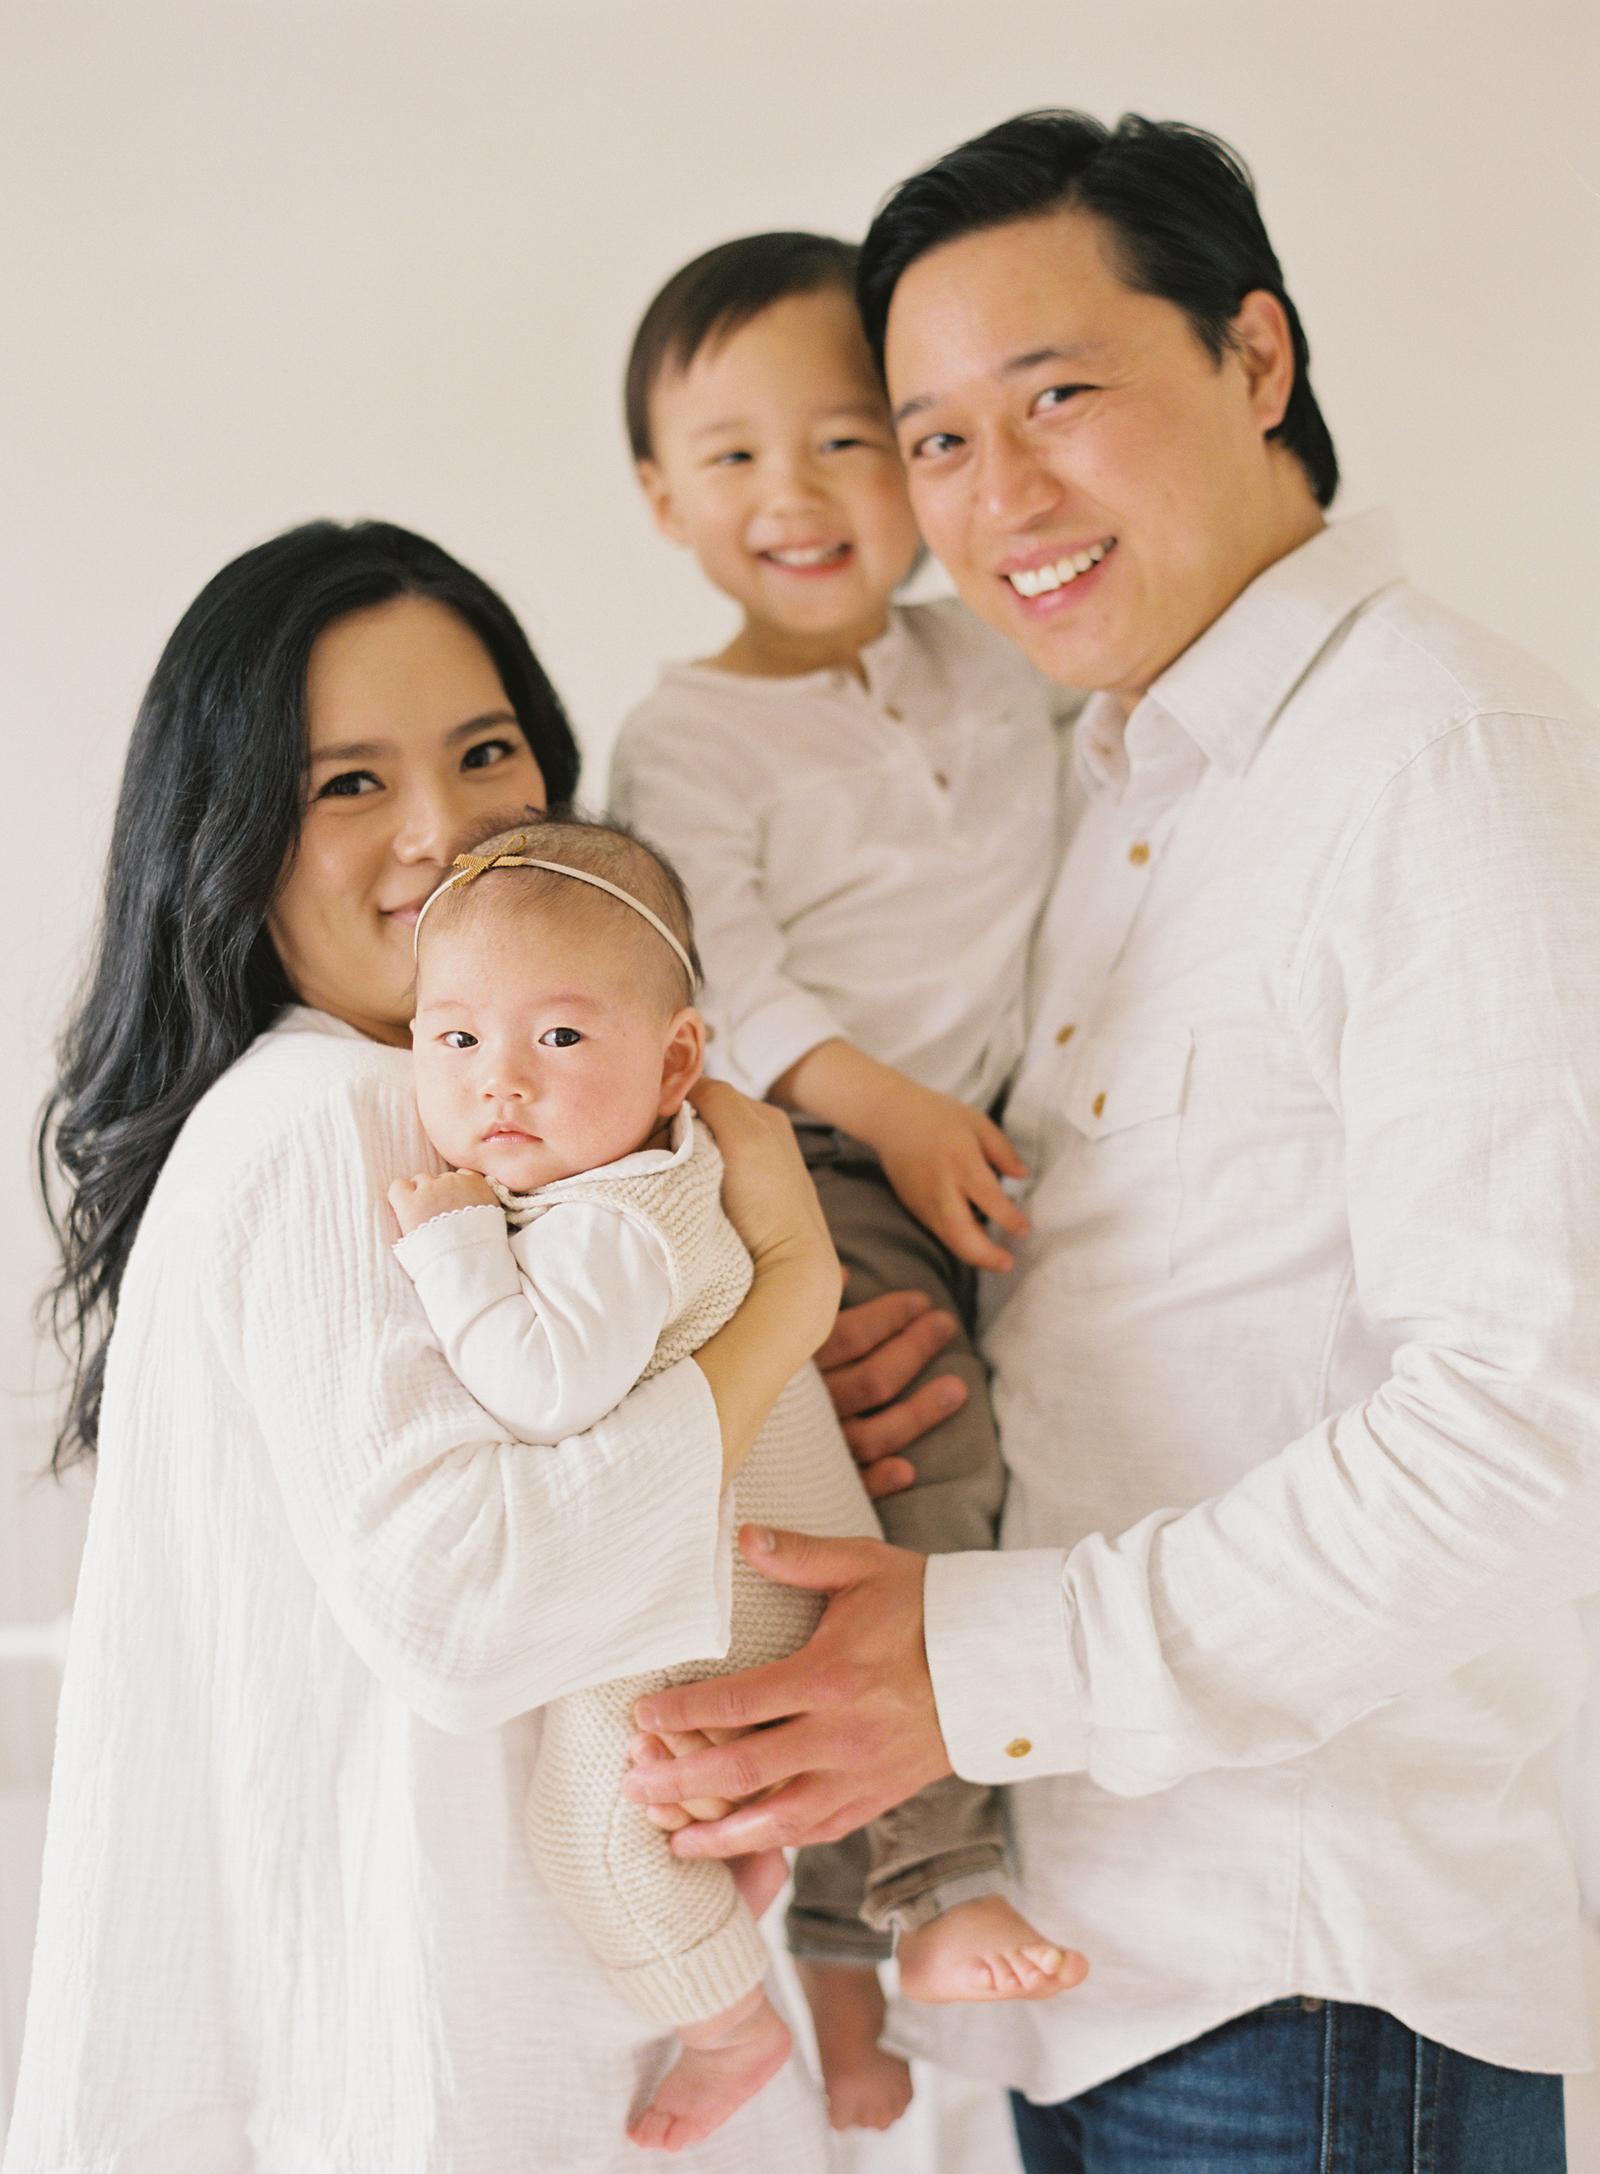 Pasadena_Newborn_Photos-27-Jen_Huang-008853-R1-016.jpg